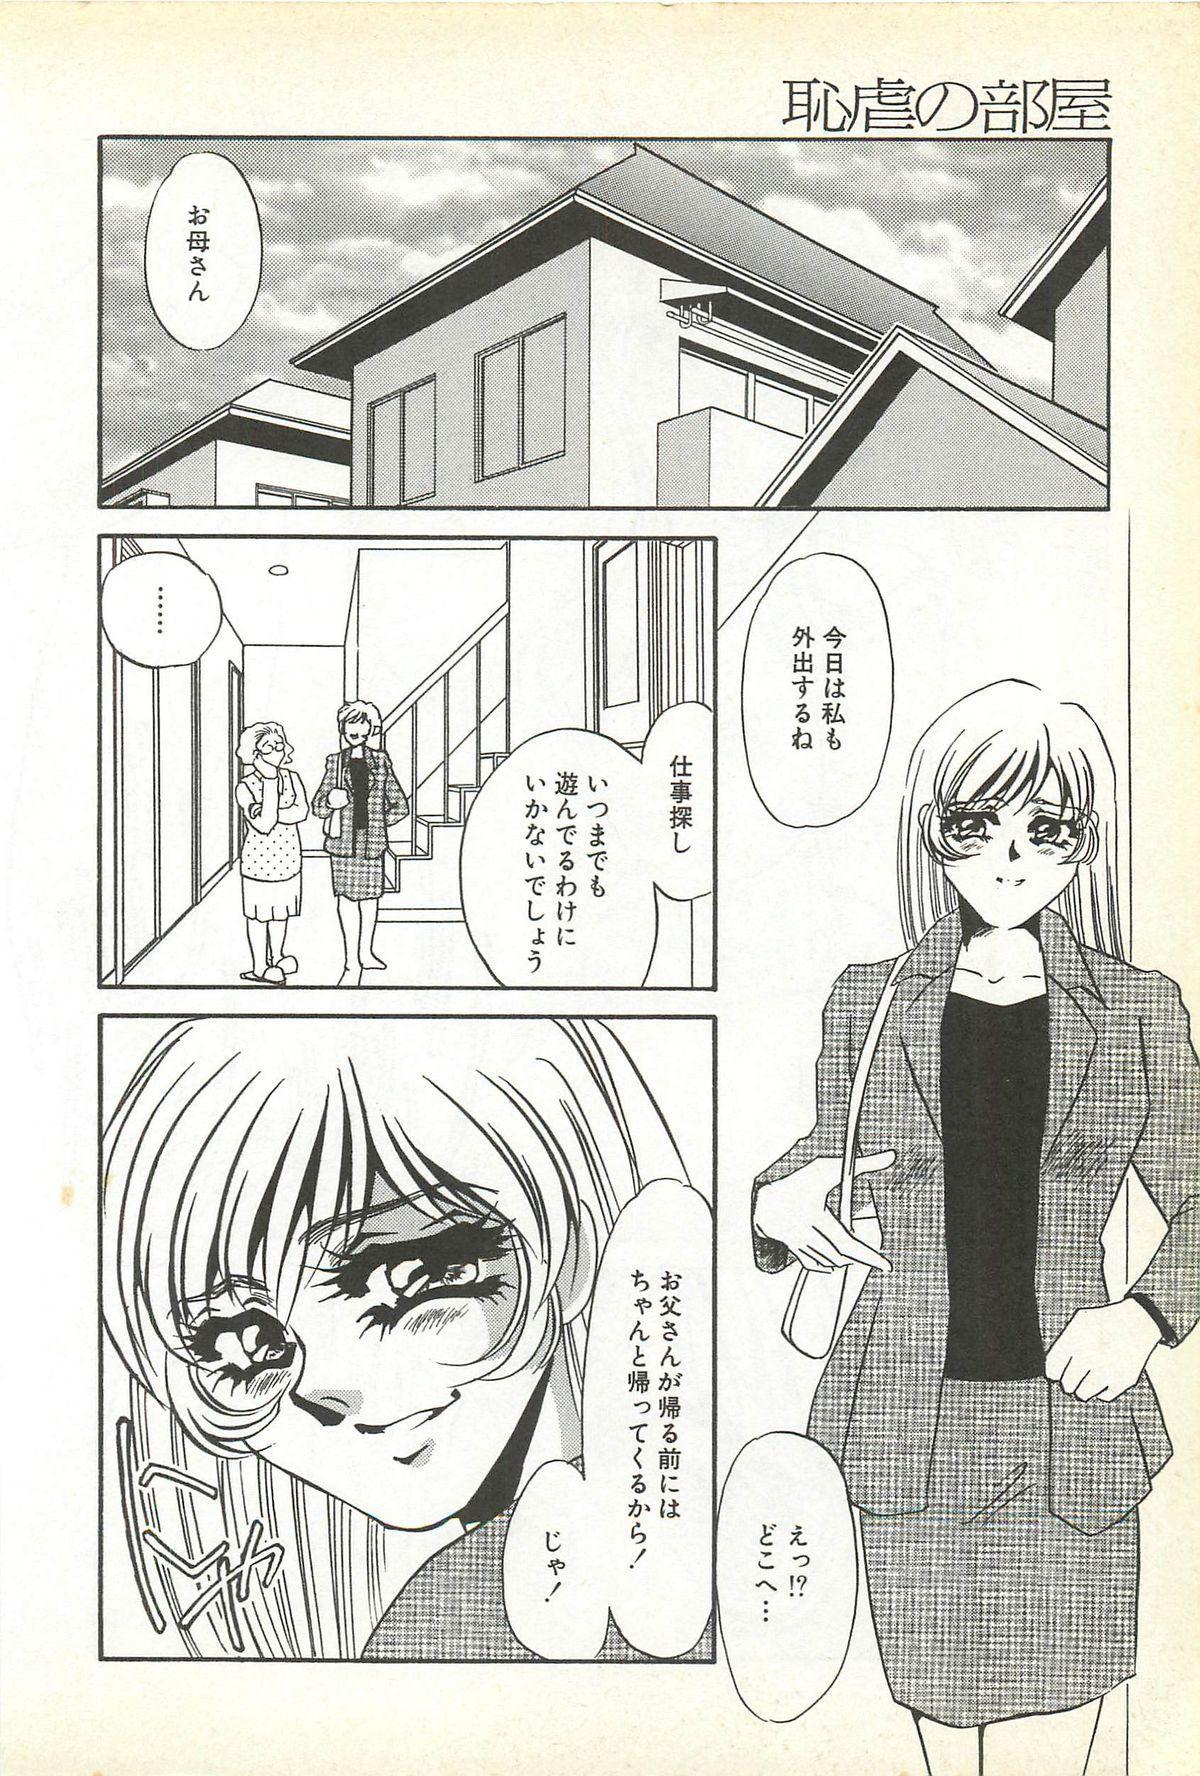 Chigyaku no Heya - A Shameful Punishment Room 139